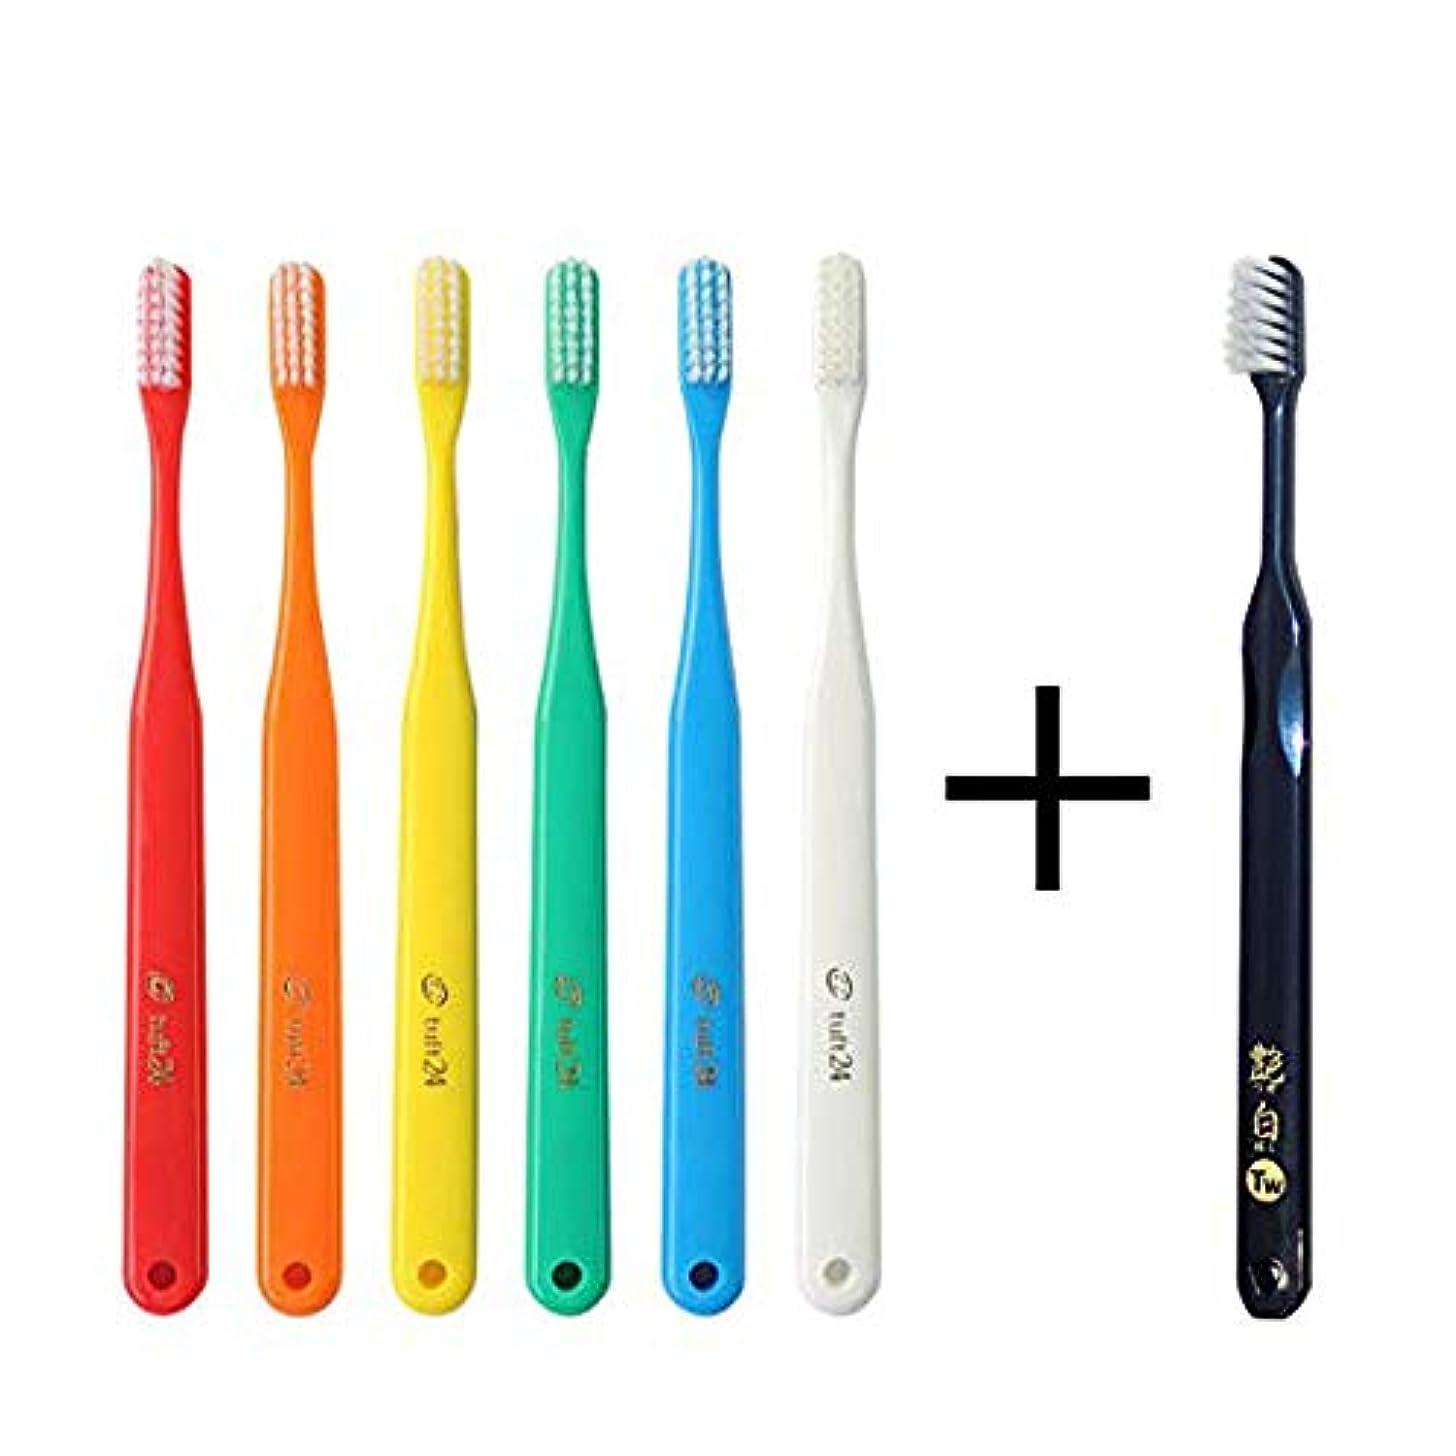 曲げる四要求するタフト24 歯ブラシ × 10本 (S) キャップなし + 艶白ツイン ハブラシ×1本(S やわらかめ) むし歯予防 歯科専売